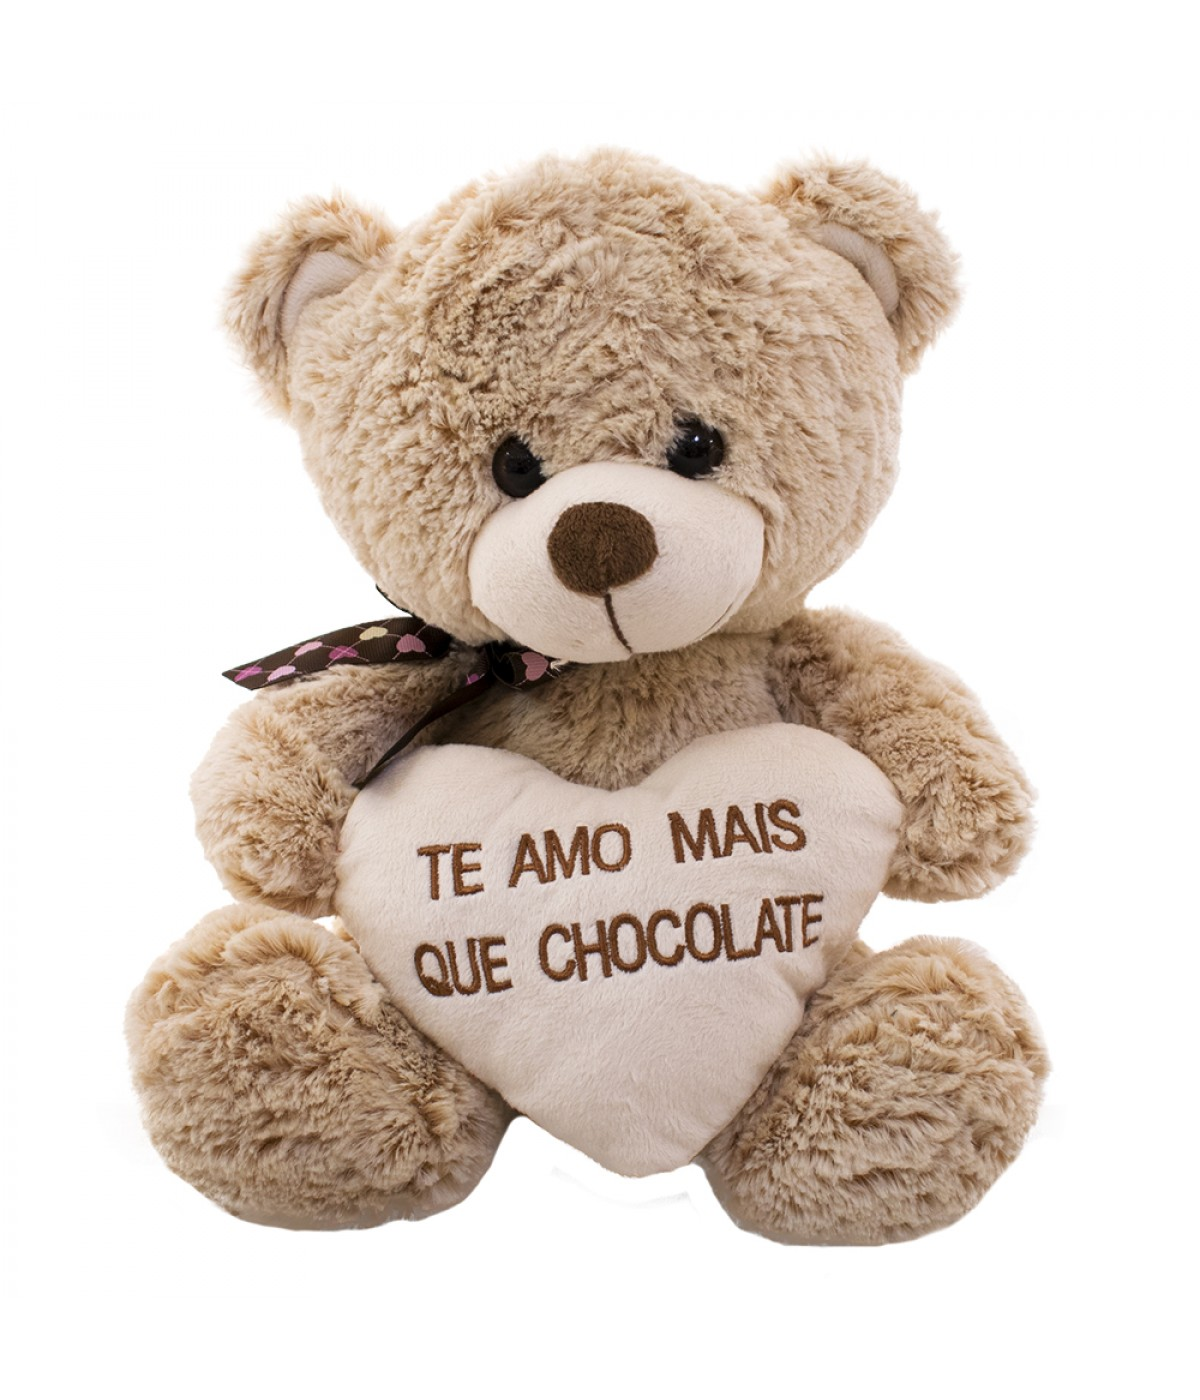 URSO MARROM CORACAO CHOCOLATE PELUCIA FM475831 | MINAS DE ...